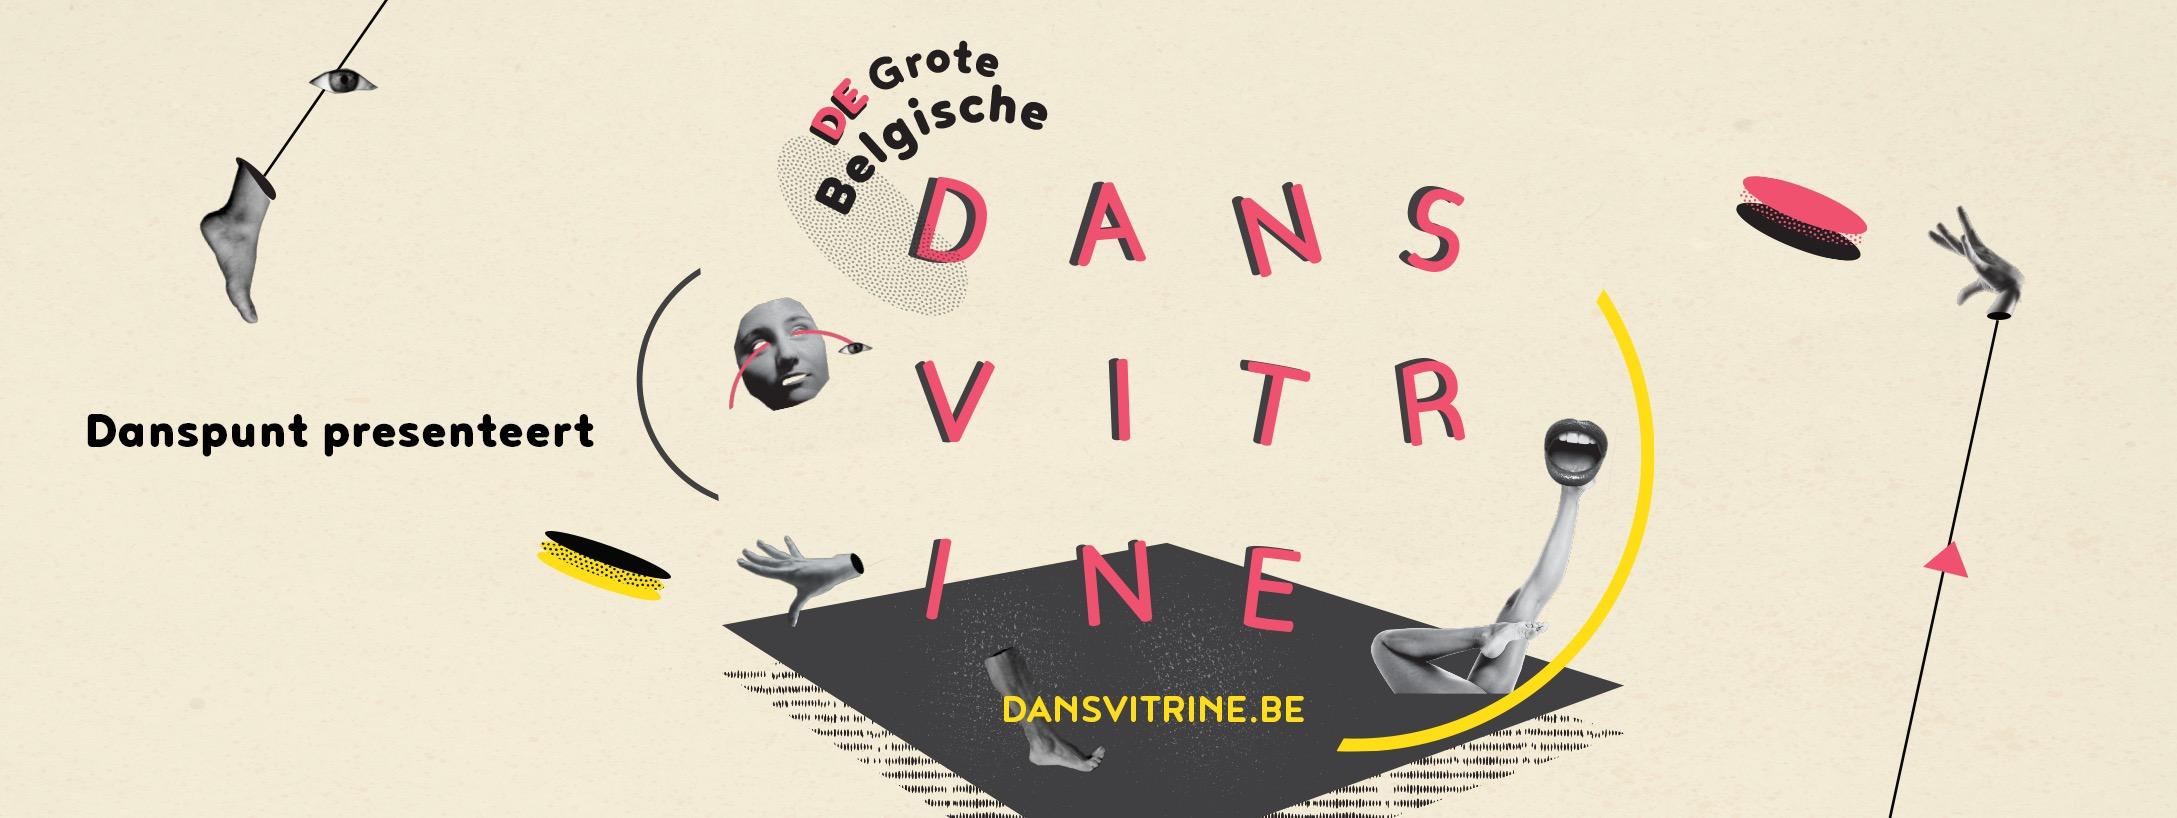 De Grote Belgische Dansvitrine